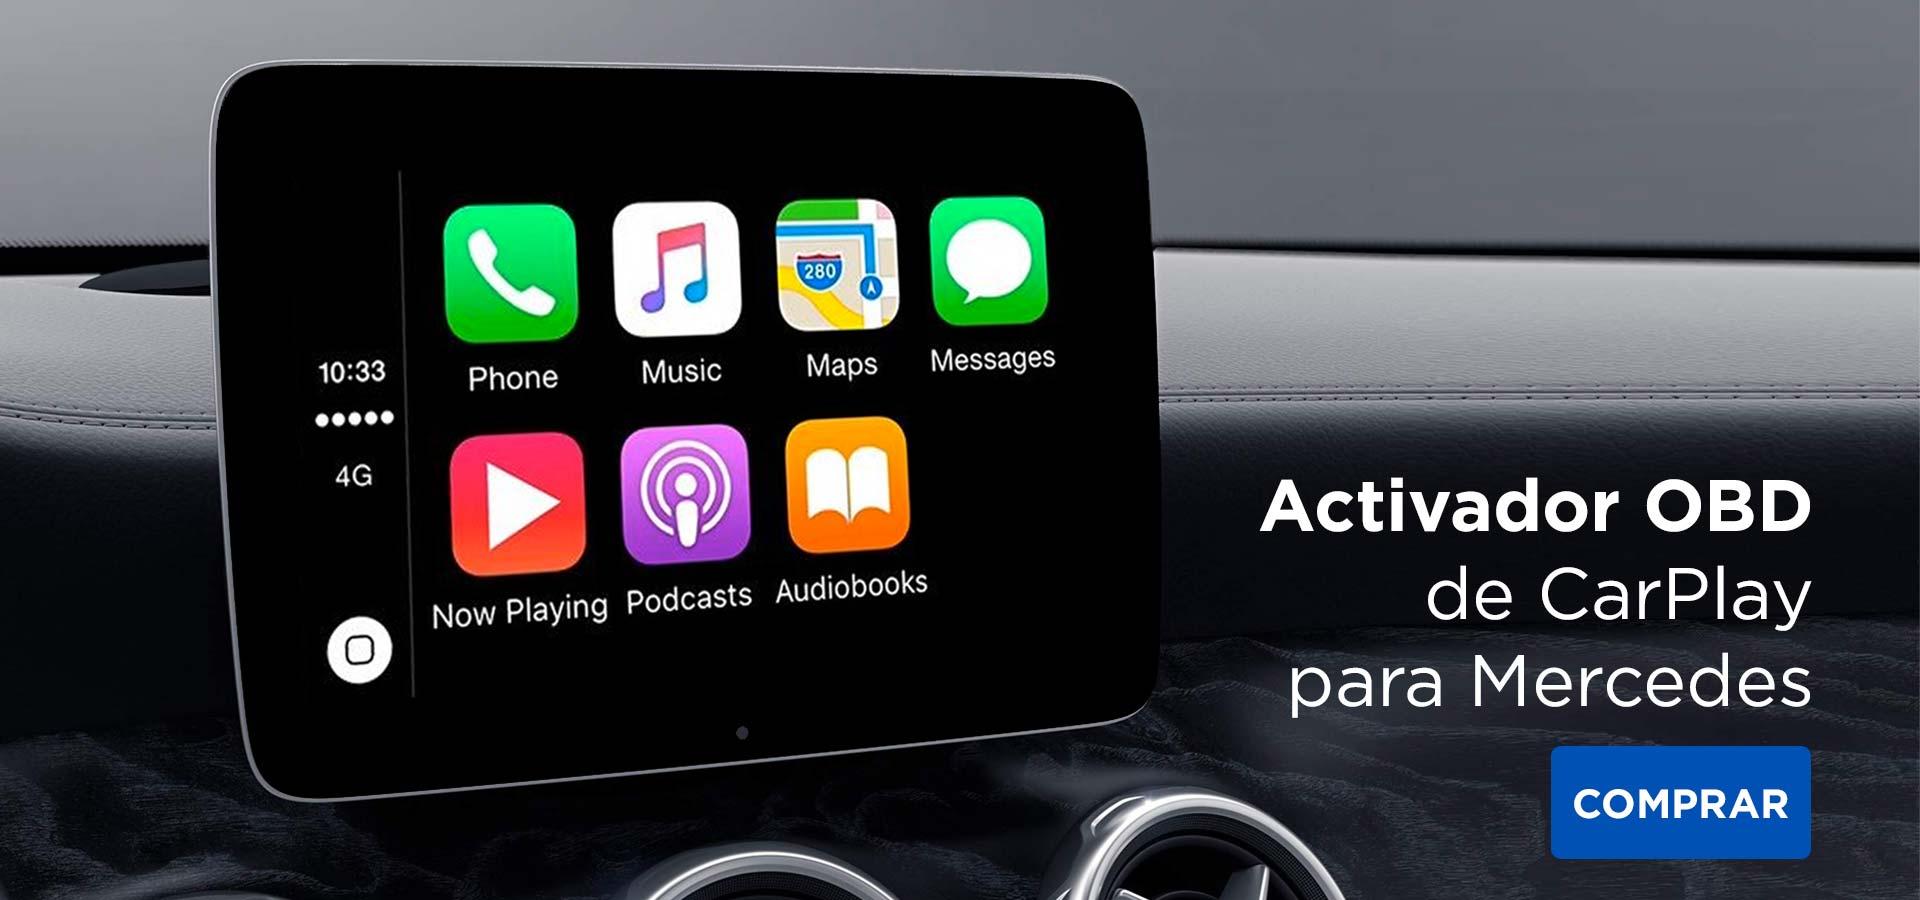 Activador de CarPlay OBD en Mercedes